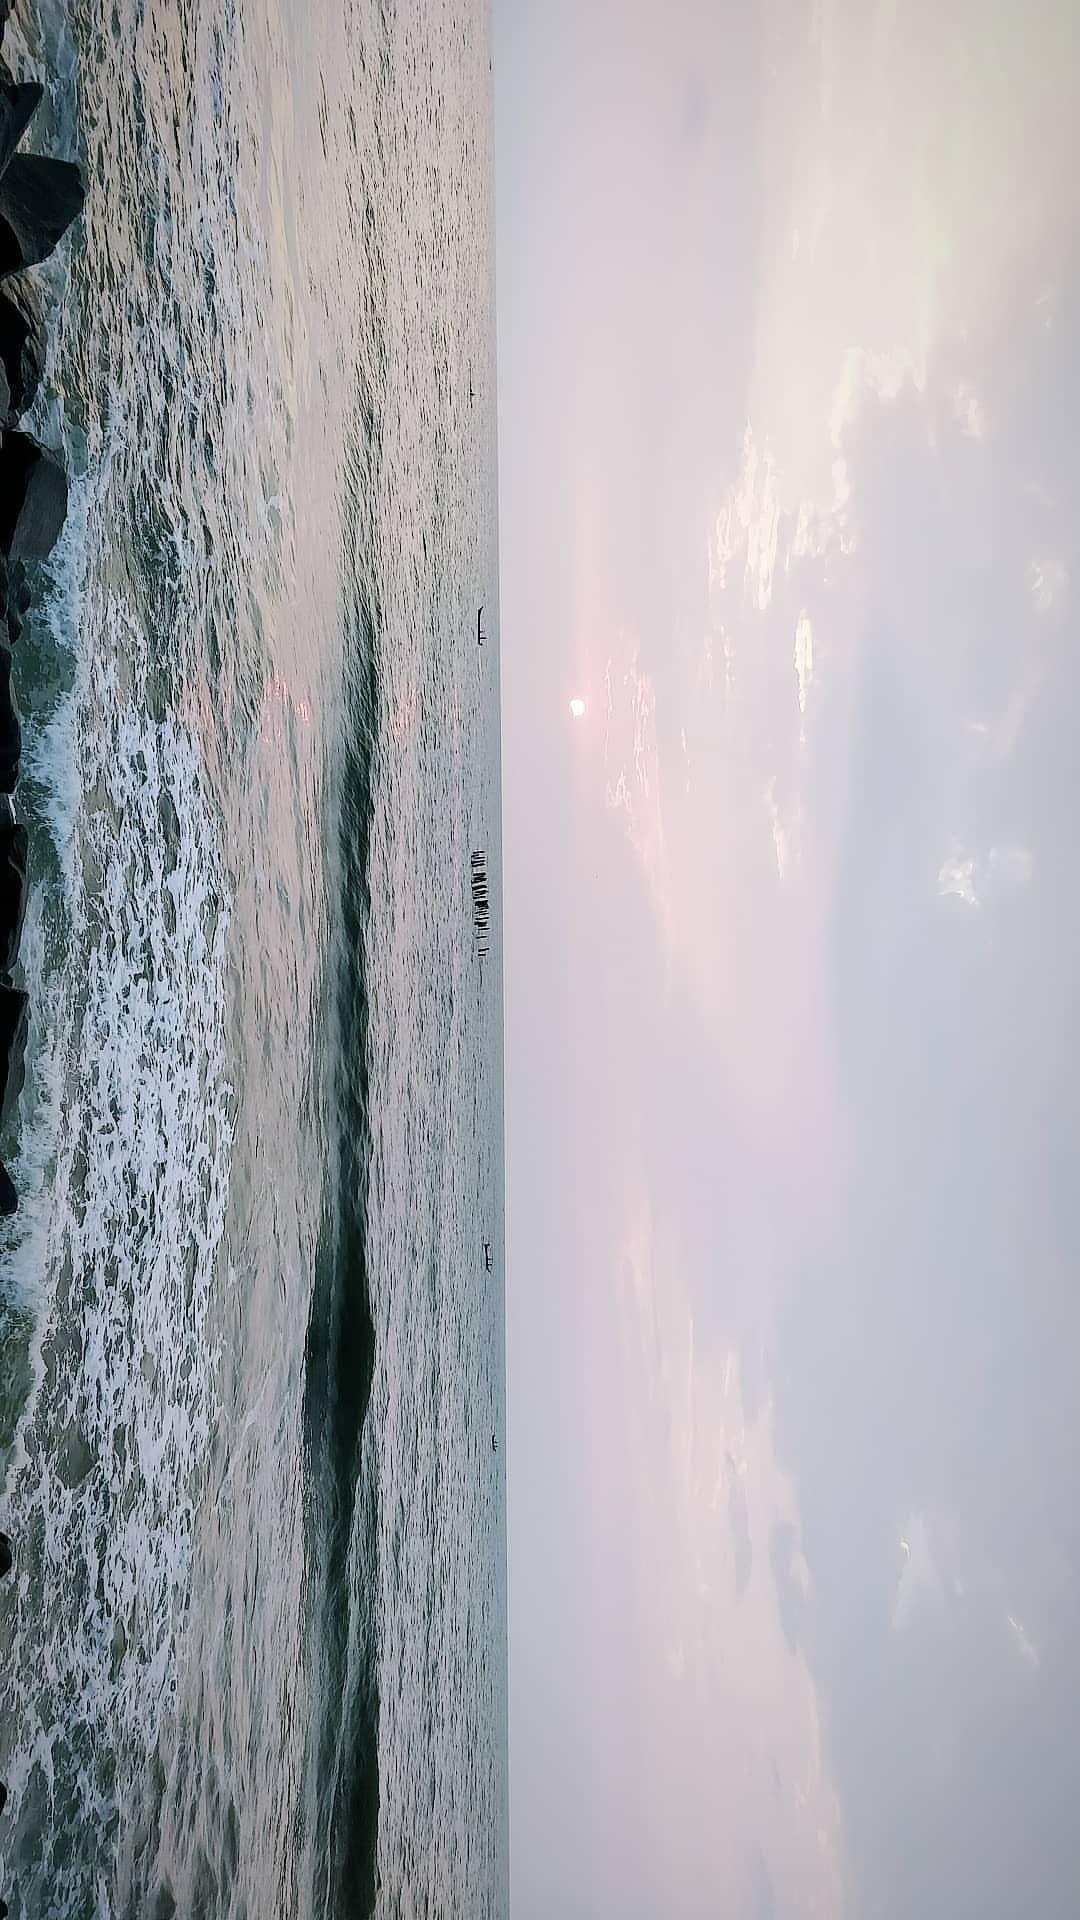 Photo of Pondicherry By Shreyansh Bhansali